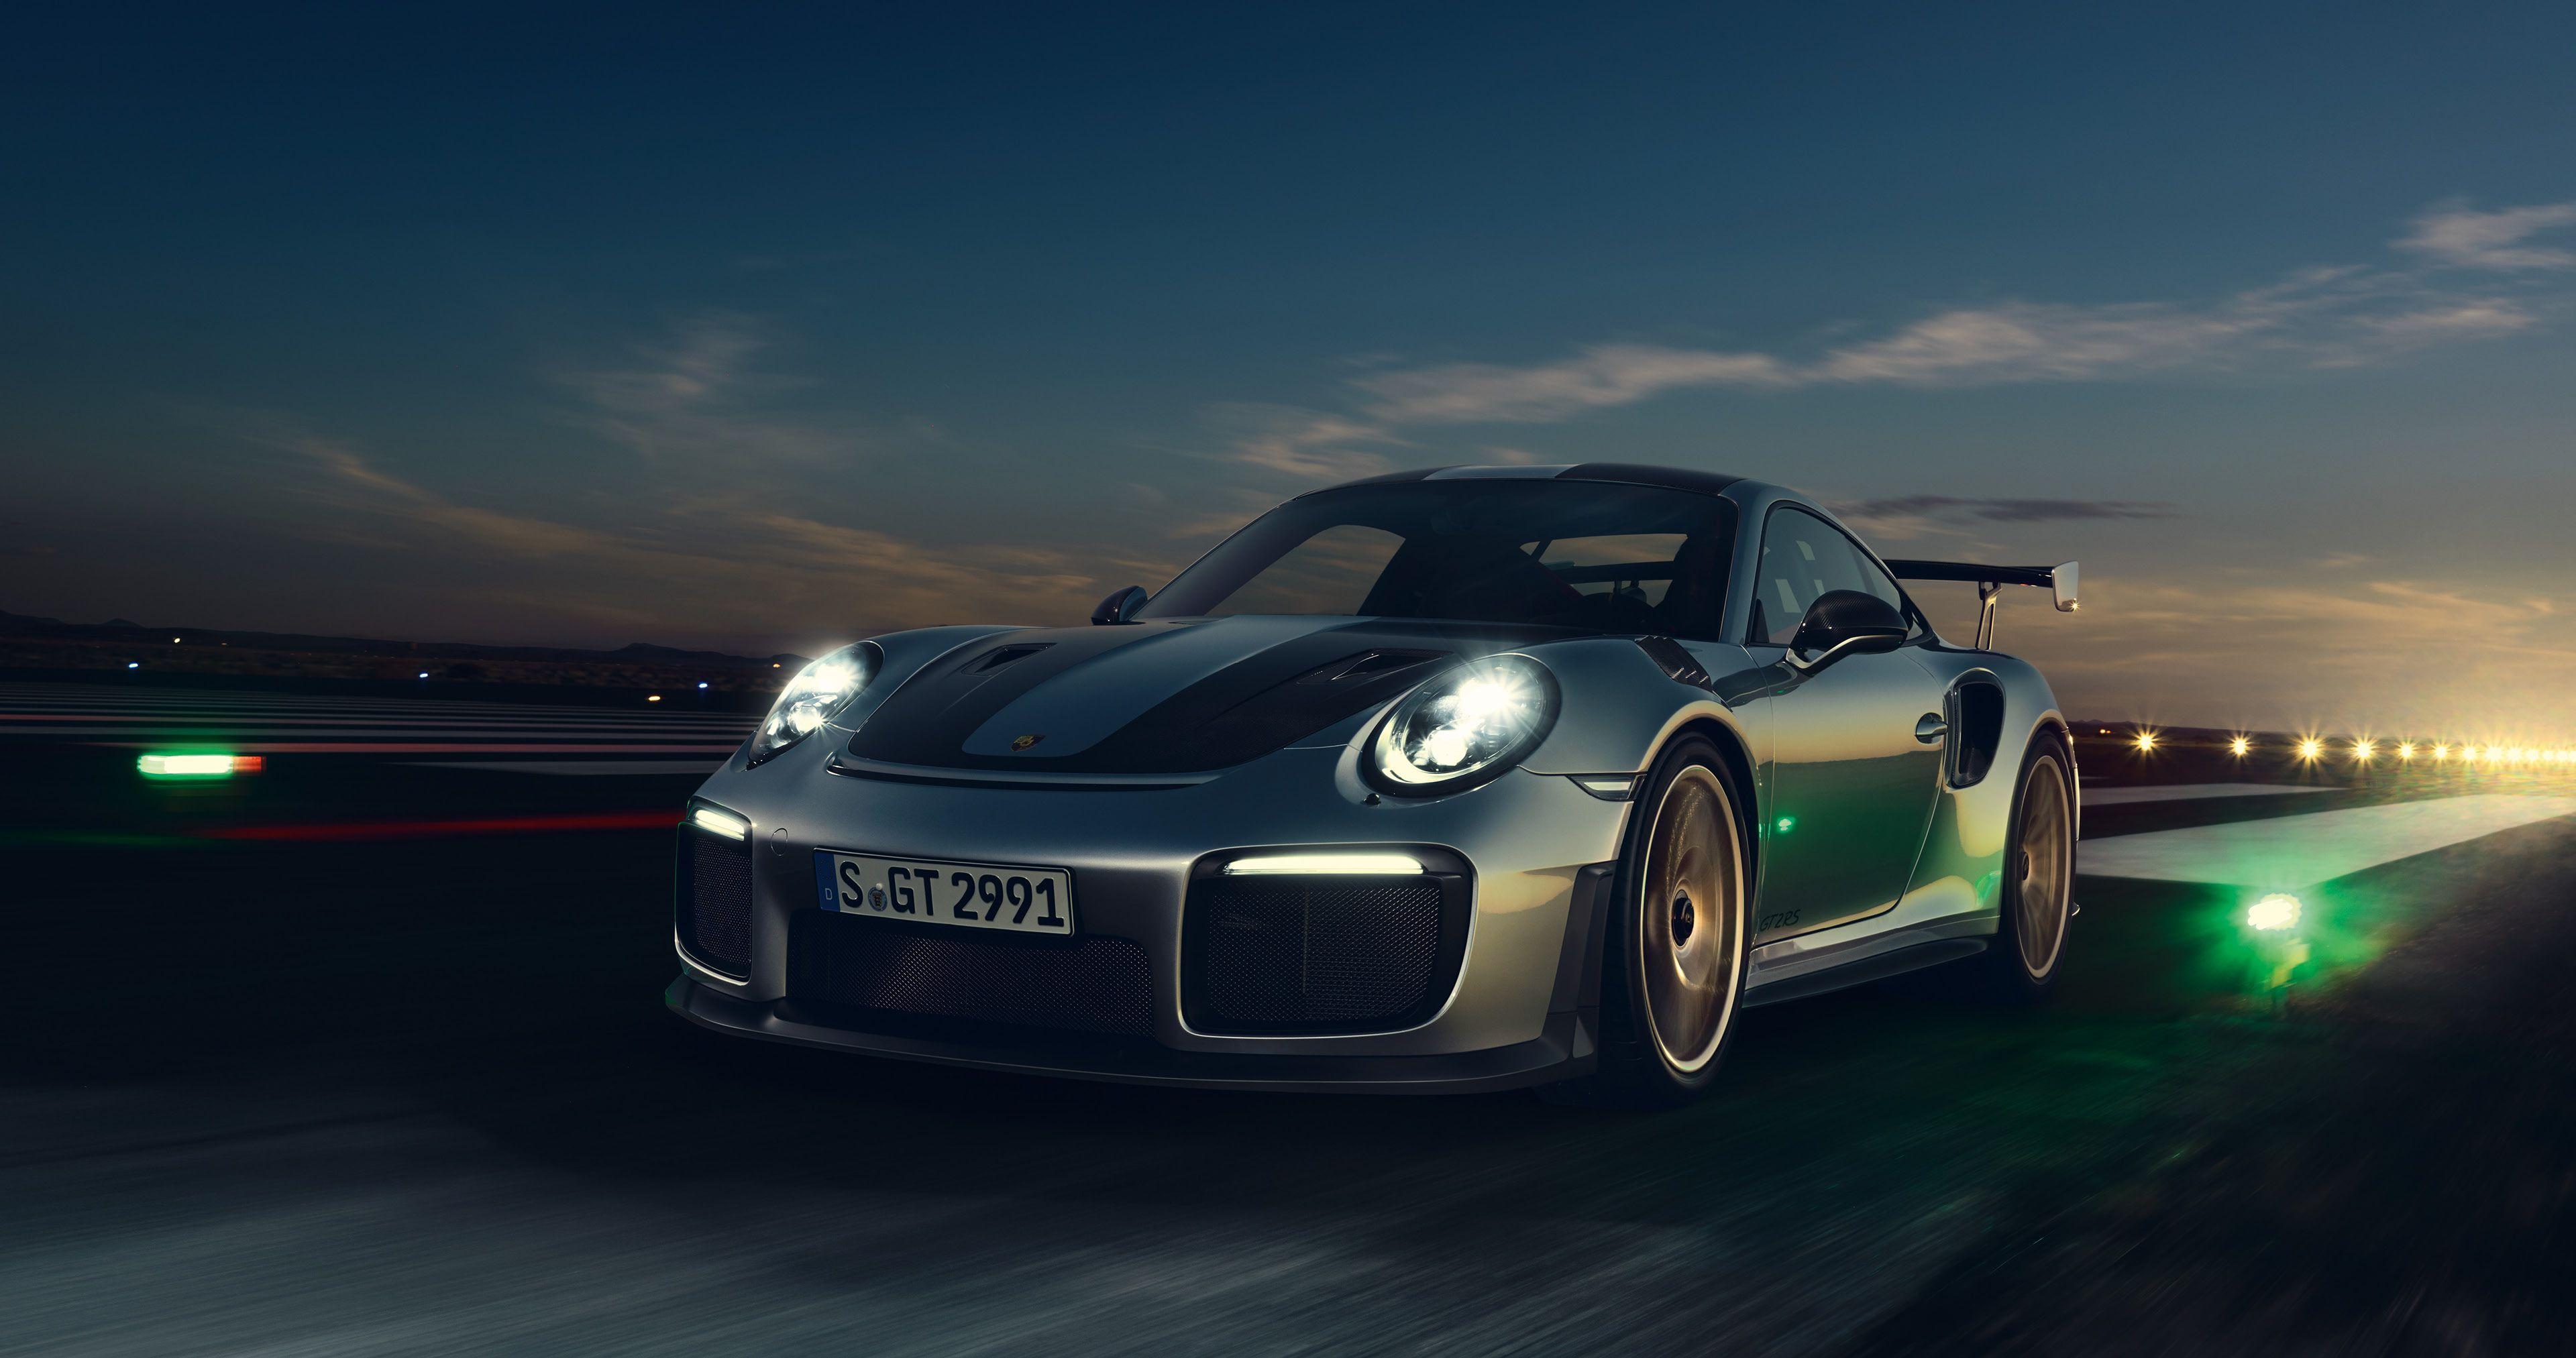 4K Porsche 911 GT2 Wallpapers   Top 4K Porsche 911 GT2 3840x2025